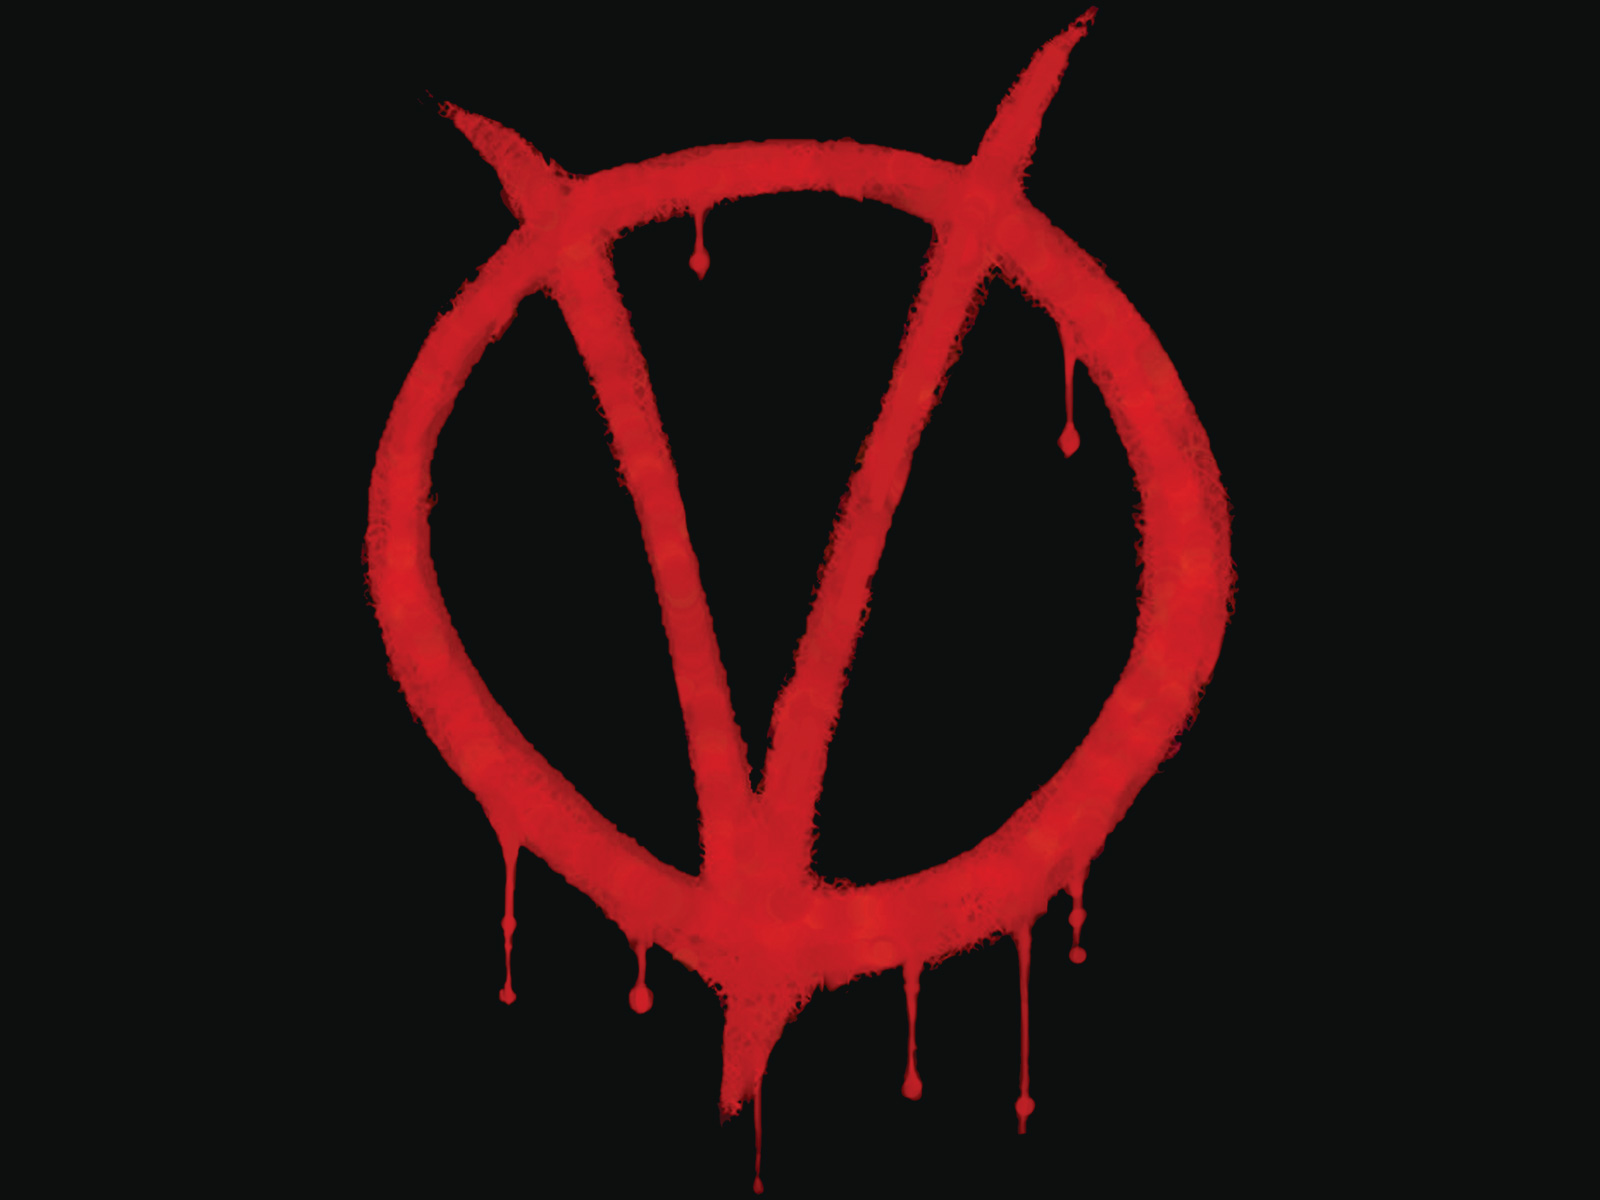 CHRISTIAN BALE TO STAR IN V FOR VENDETTA 2